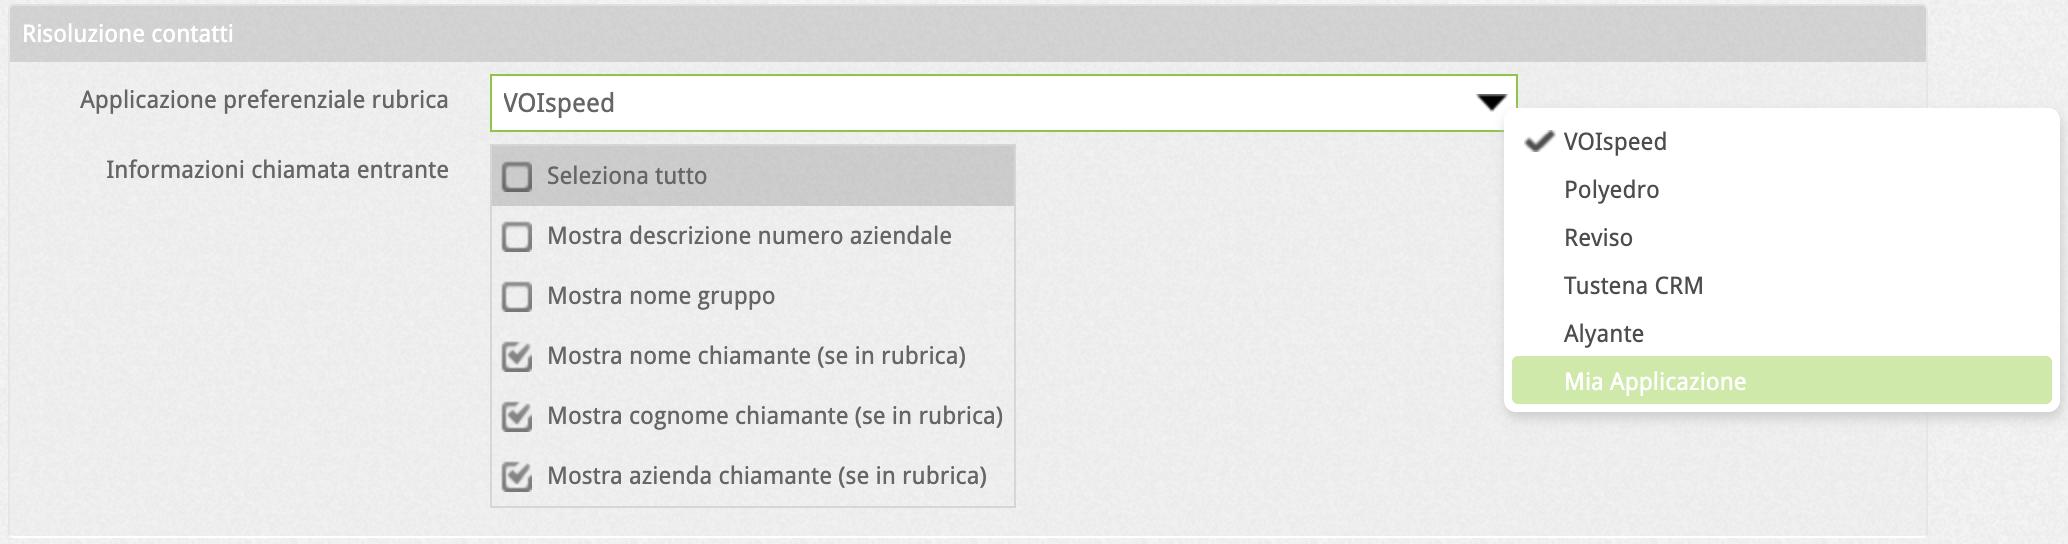 Configurazione risoluzione contatti utente